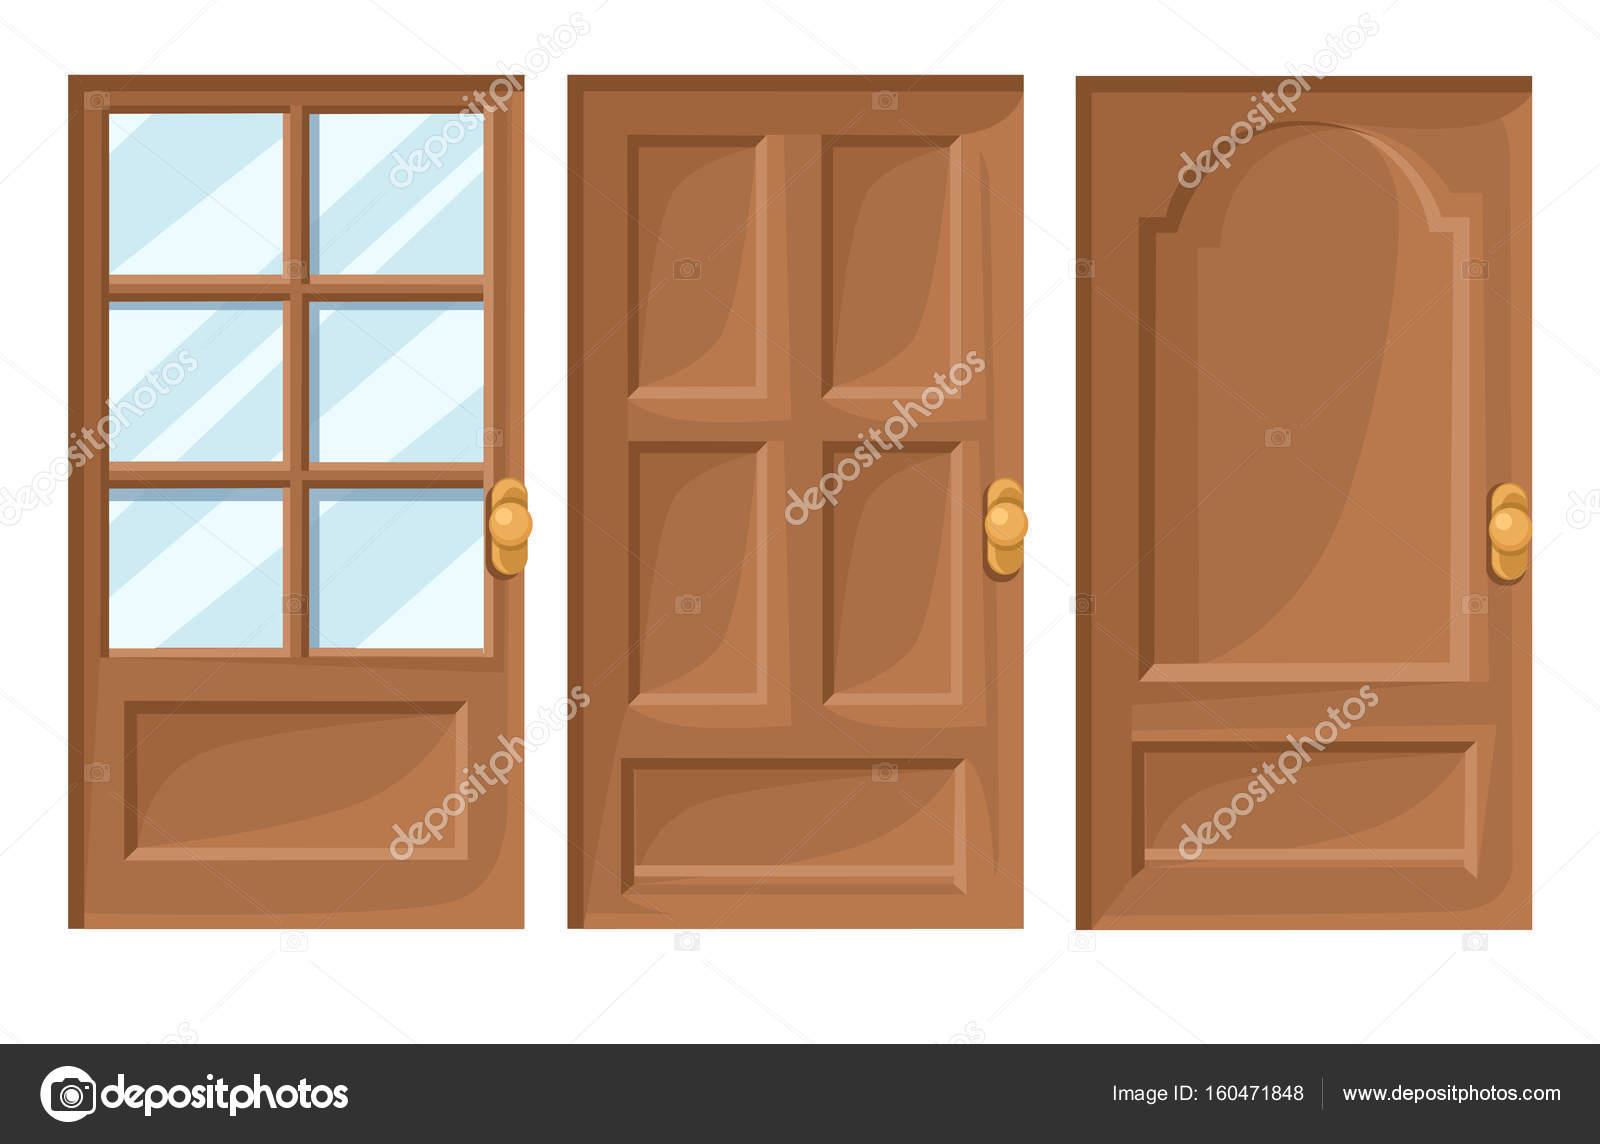 Dibujos de puertas puerta decorativa y diferentes puertas - Dibujos de puertas ...